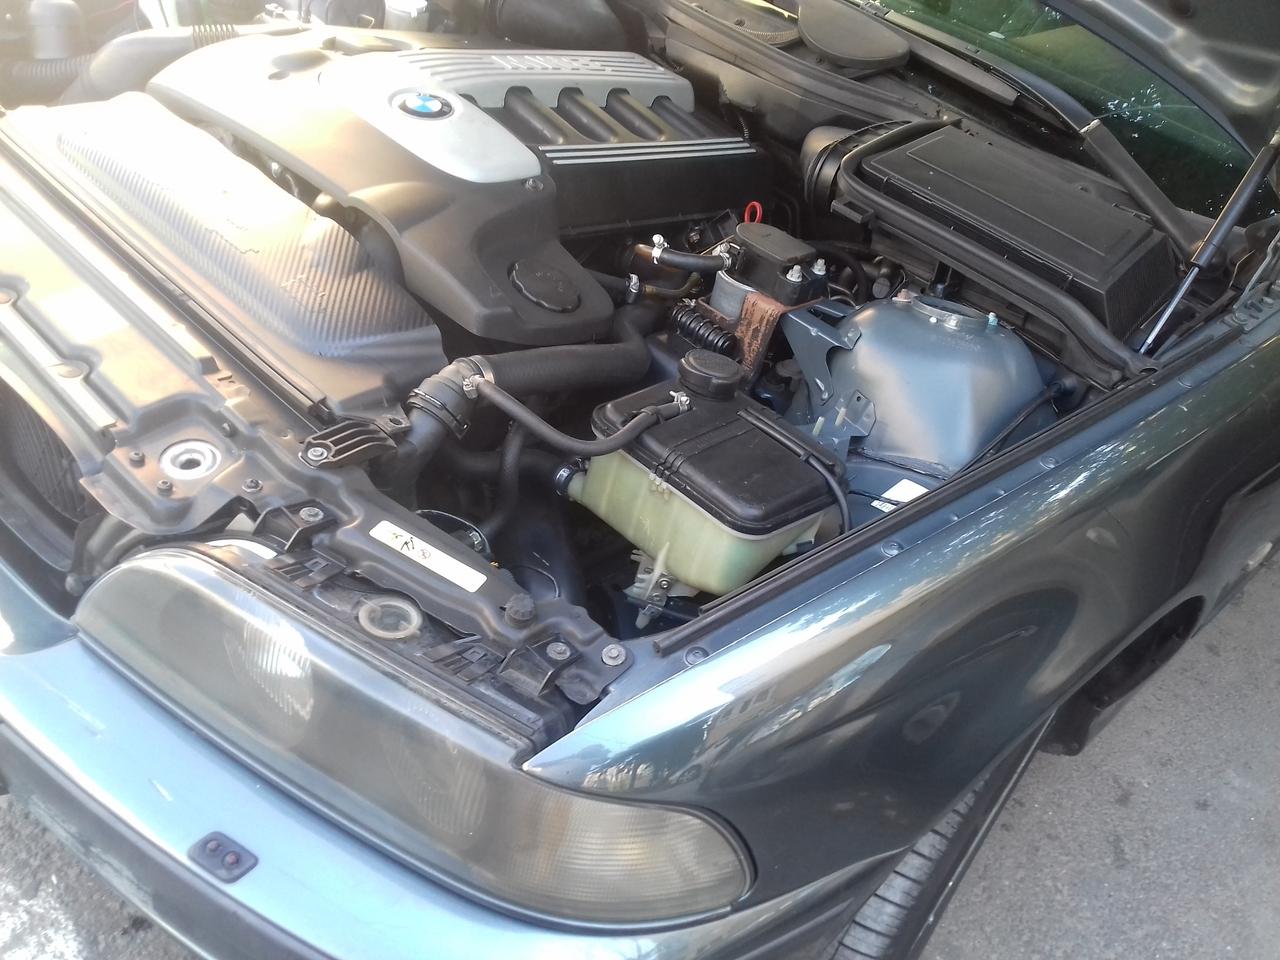 BMW 530 530d common rail 6 cilindri in linie 2000